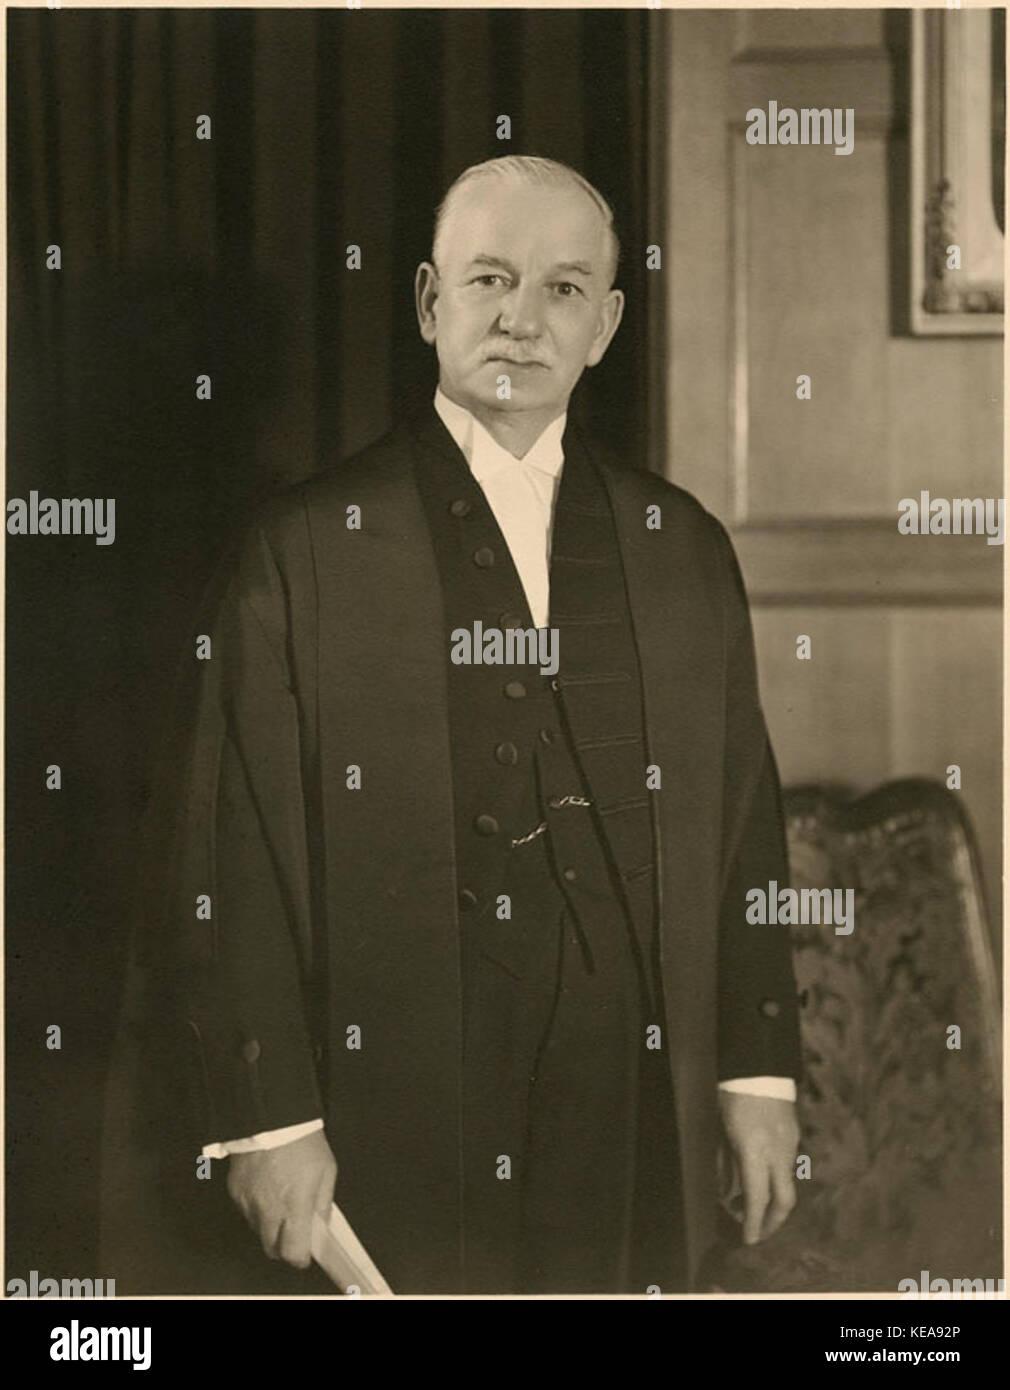 James Allison Glen - Stock Image